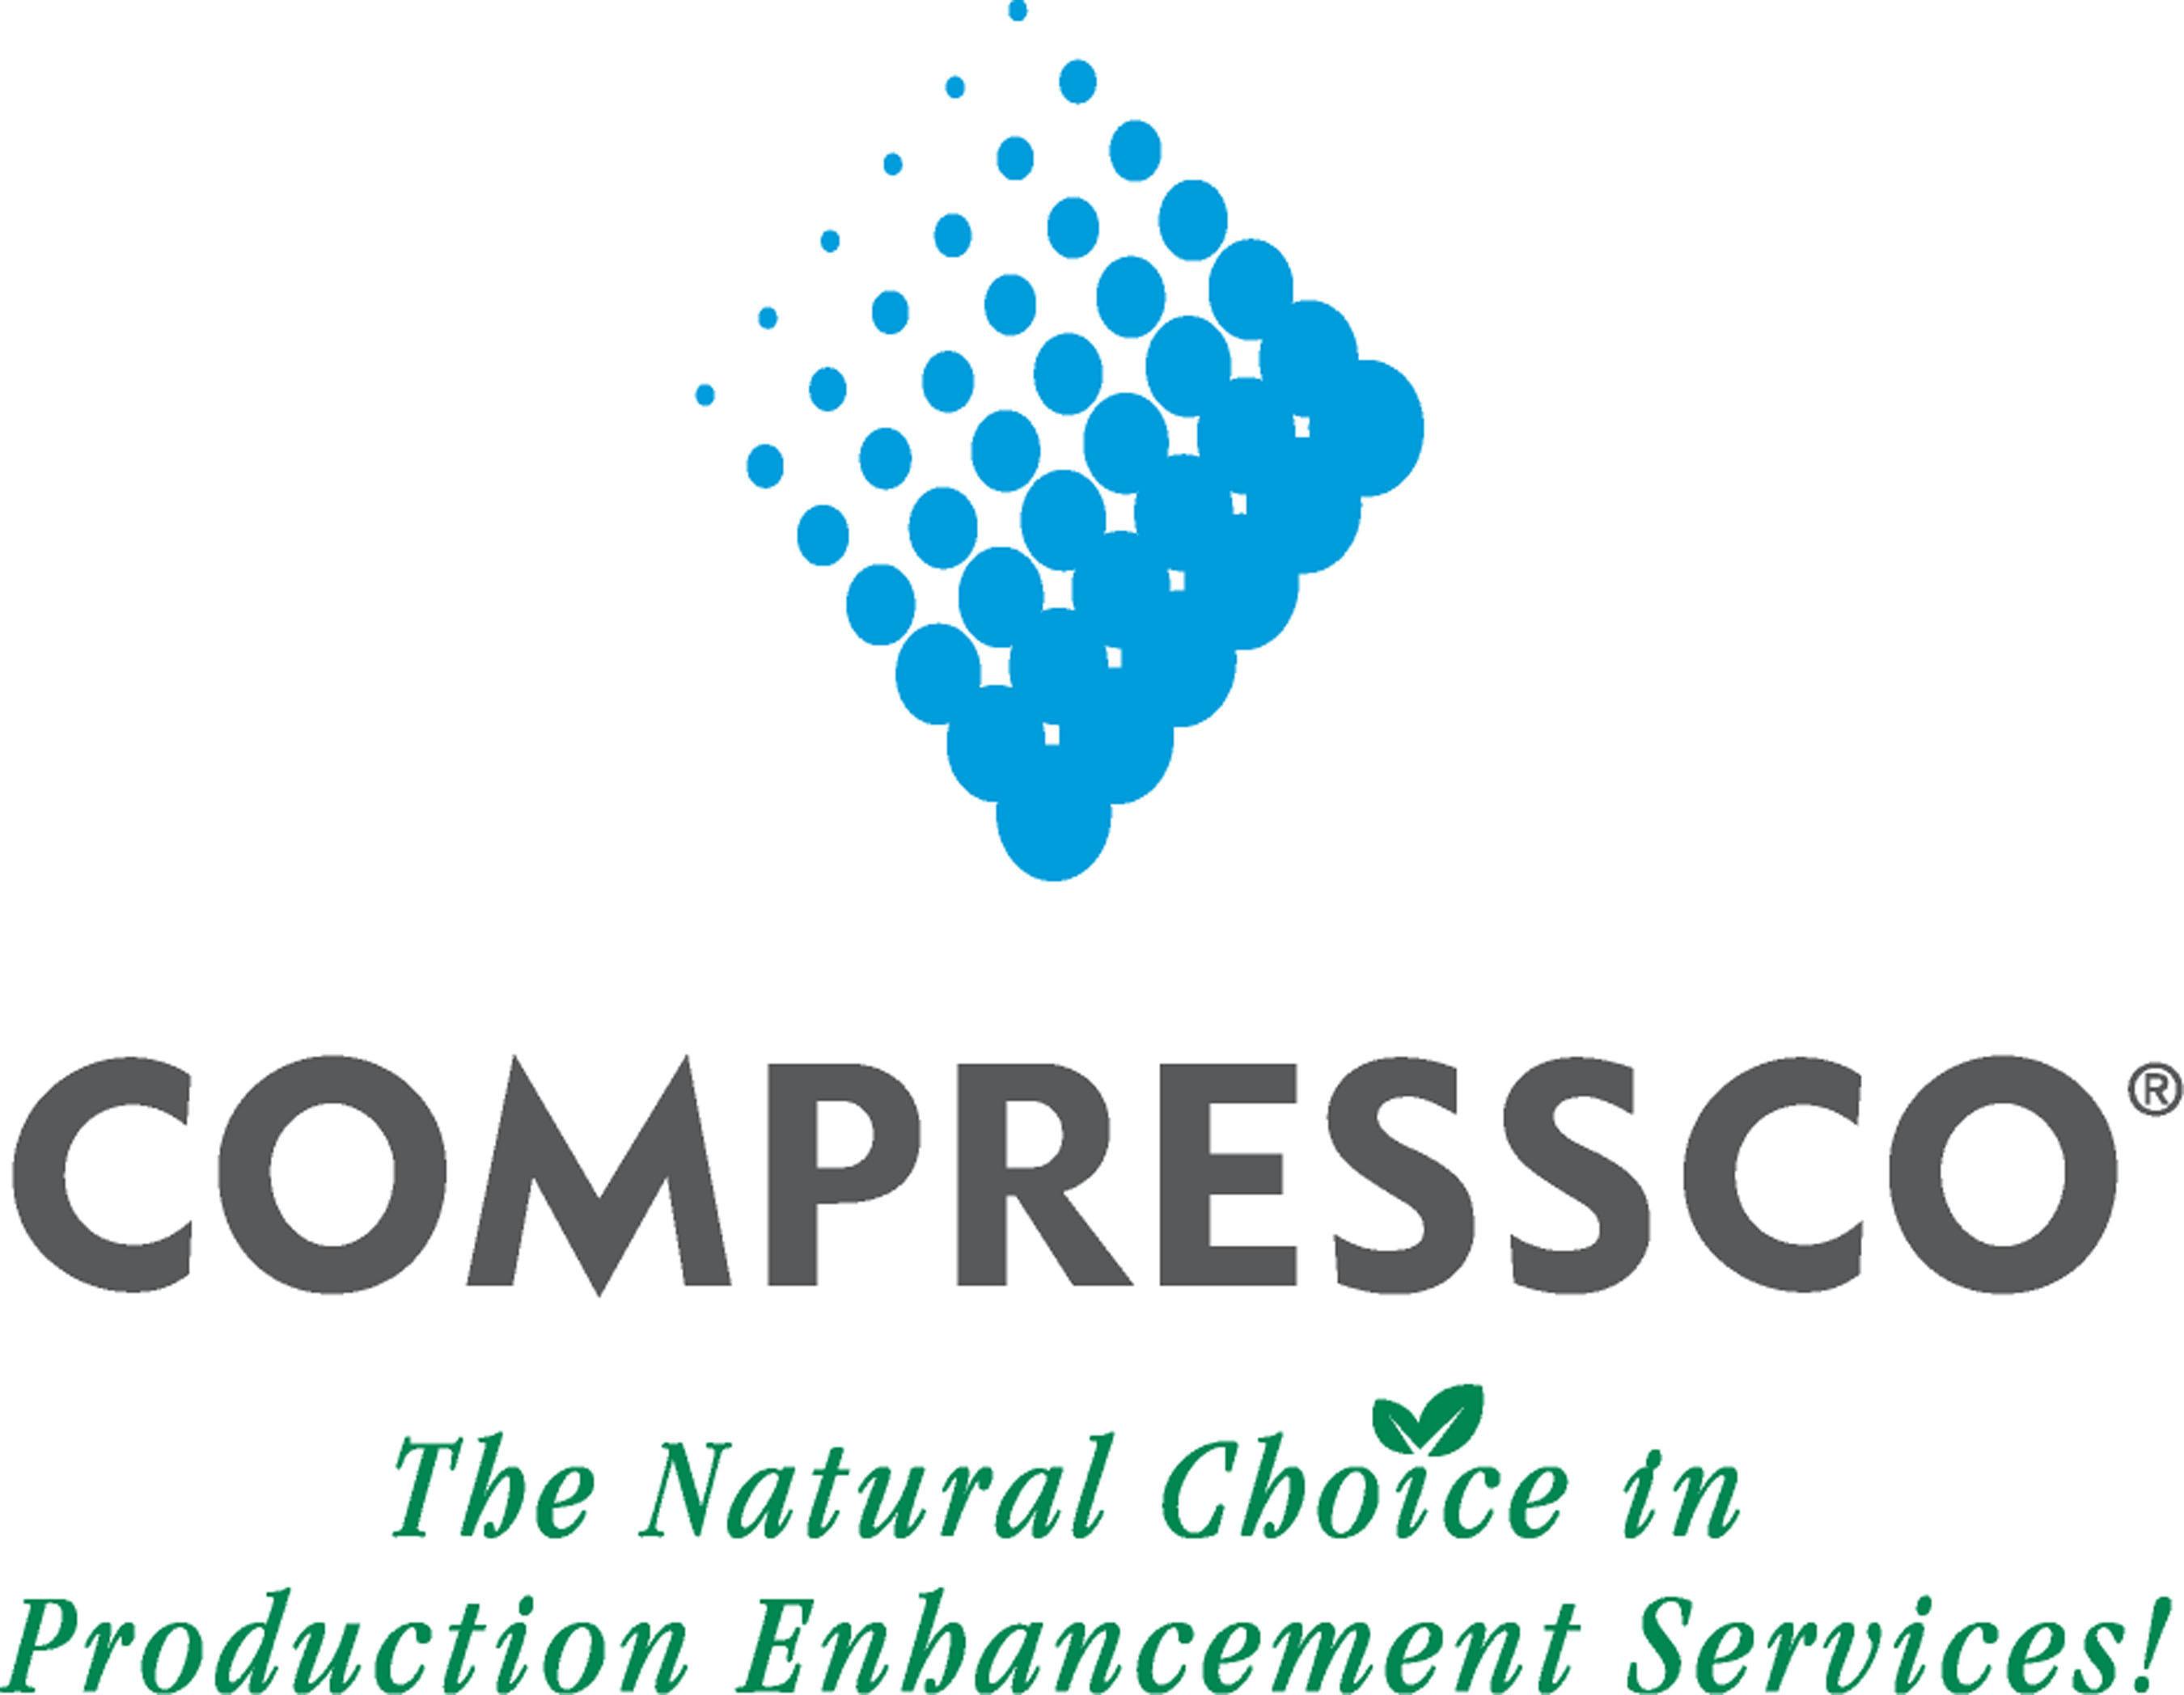 Compressco partners lp announces changes of name and ticker symbol compressco partners lp logo biocorpaavc